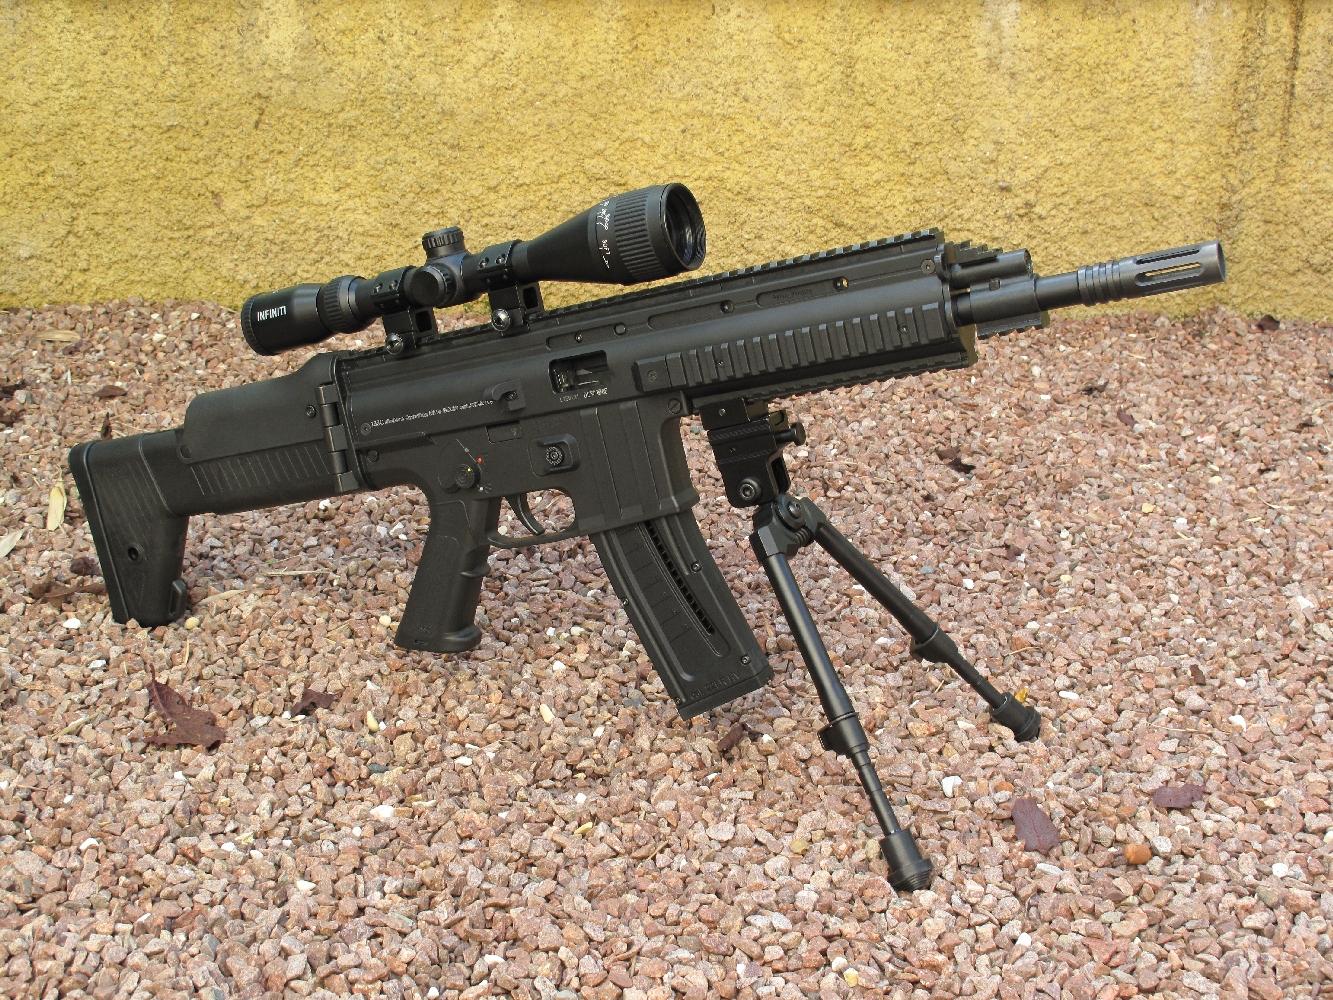 Afin d'effectuer nos tests de précision dans les meilleures conditions possibles, nous avons profité des nombreux rails Picatinny dont cette arme est dotée pour lui adjoindre une lunette Infinity 3-9 x 40 et un bipied tactique Swiss Arms.